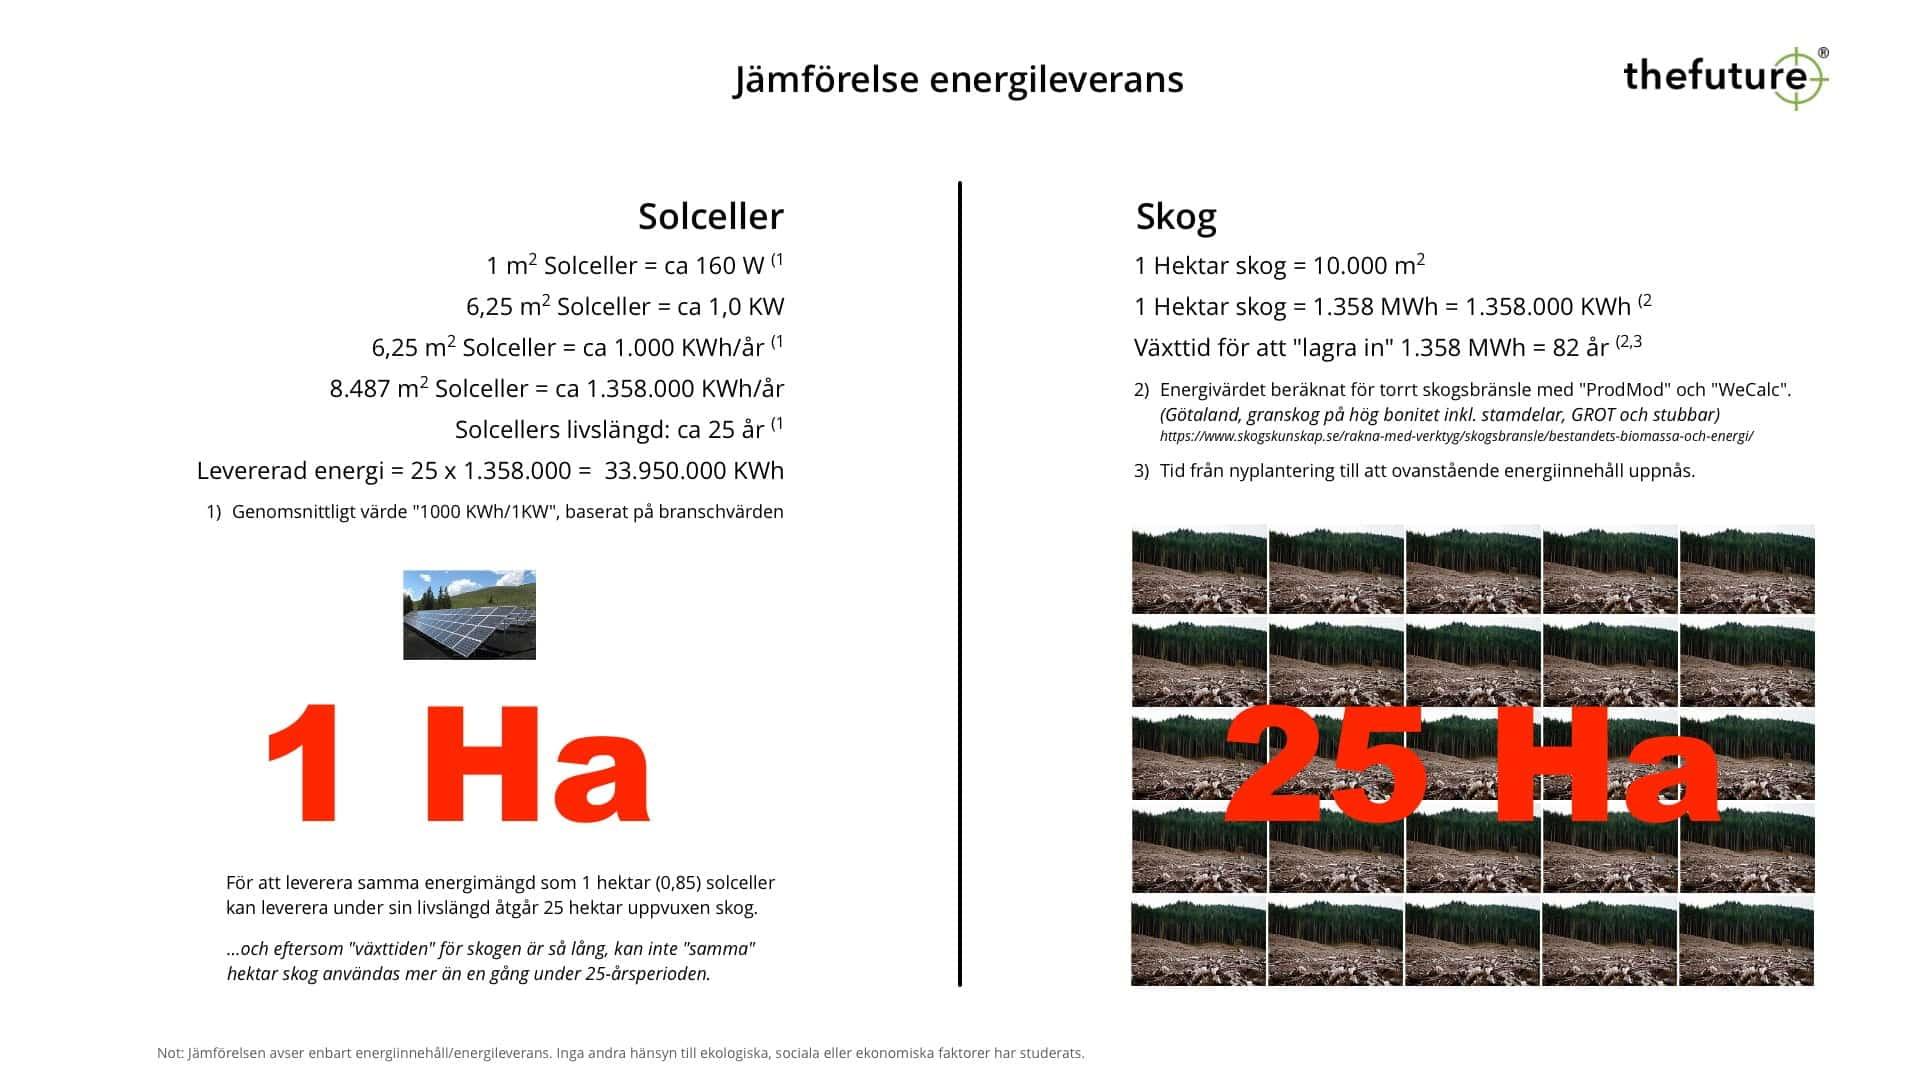 thefuture, blogg, Energileverans-Solceller/skog